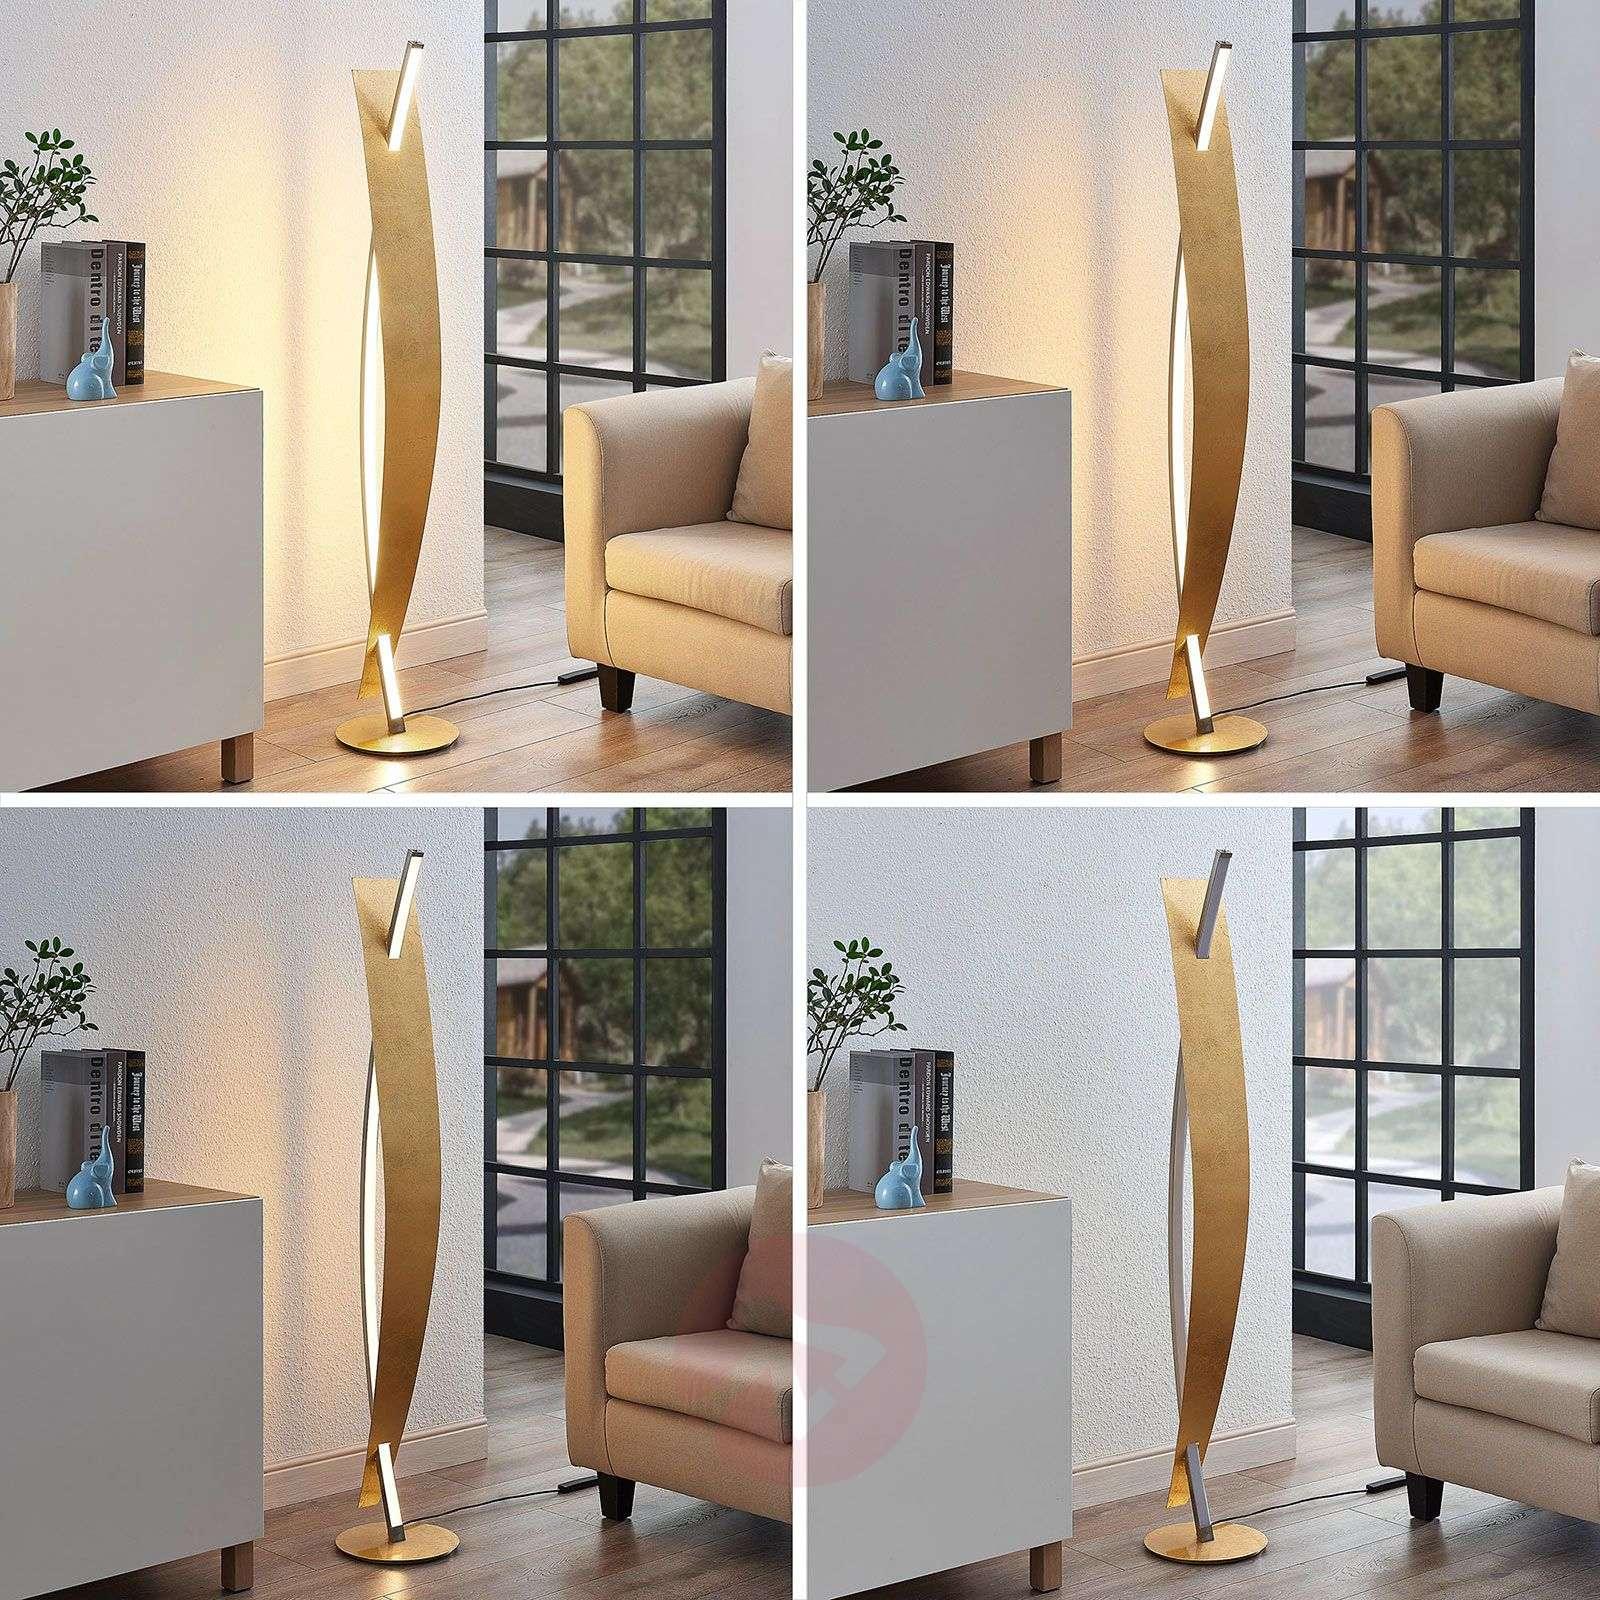 LED-lattiavalaisin Marija, ylellinen kultaoptiikka-9639113-01